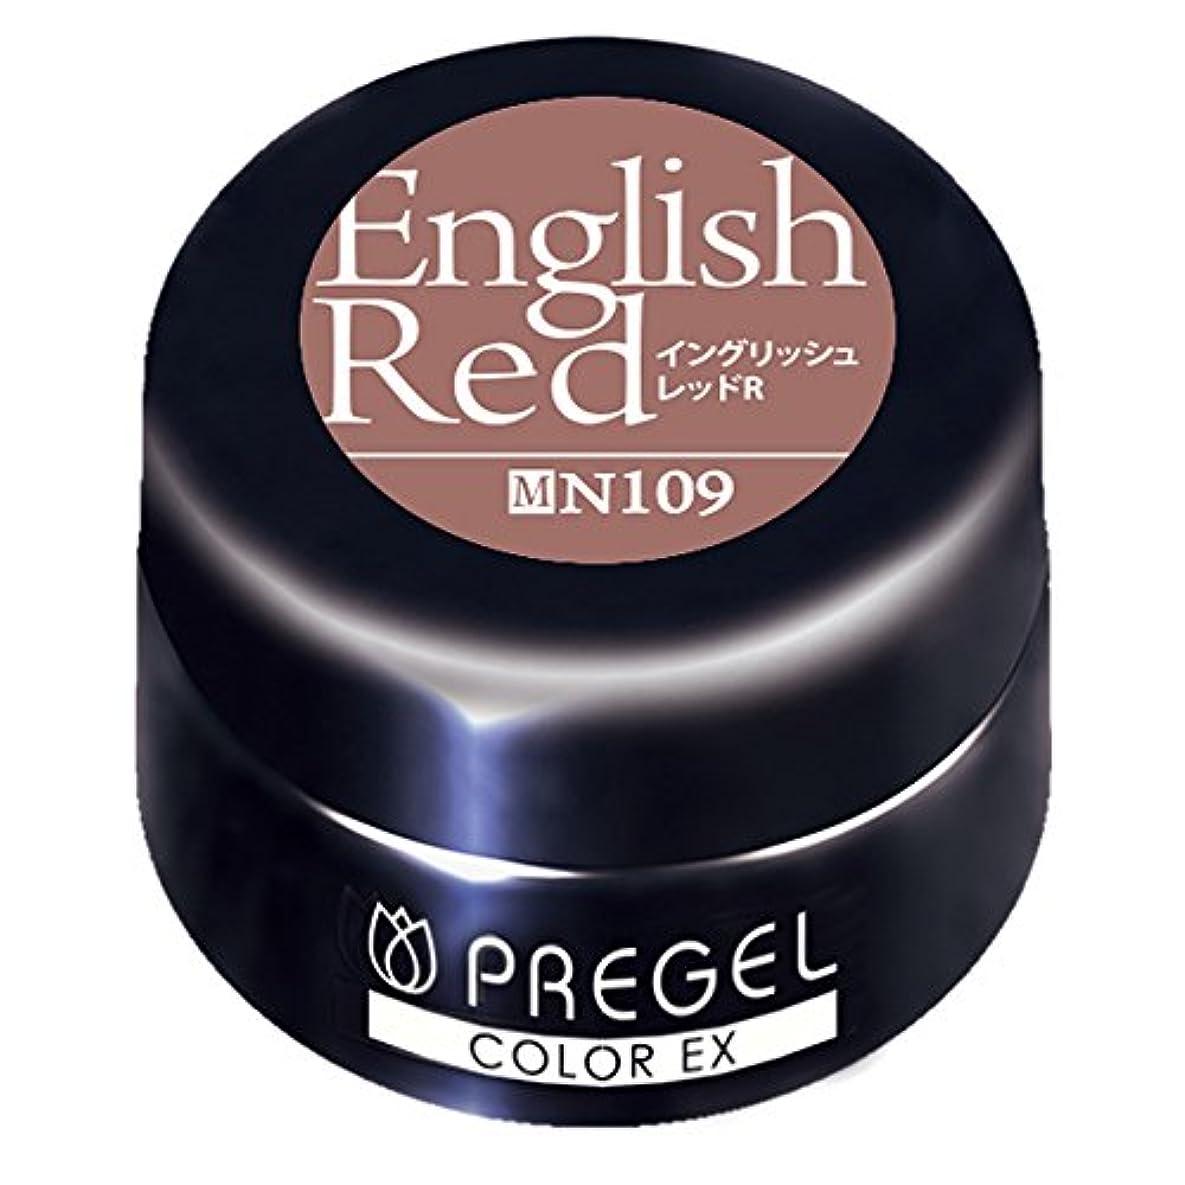 決してライセンス透過性PRE GEL カラージェル カラーEX イングリッシュレッド R109 3g UV/LED対応タイオウ